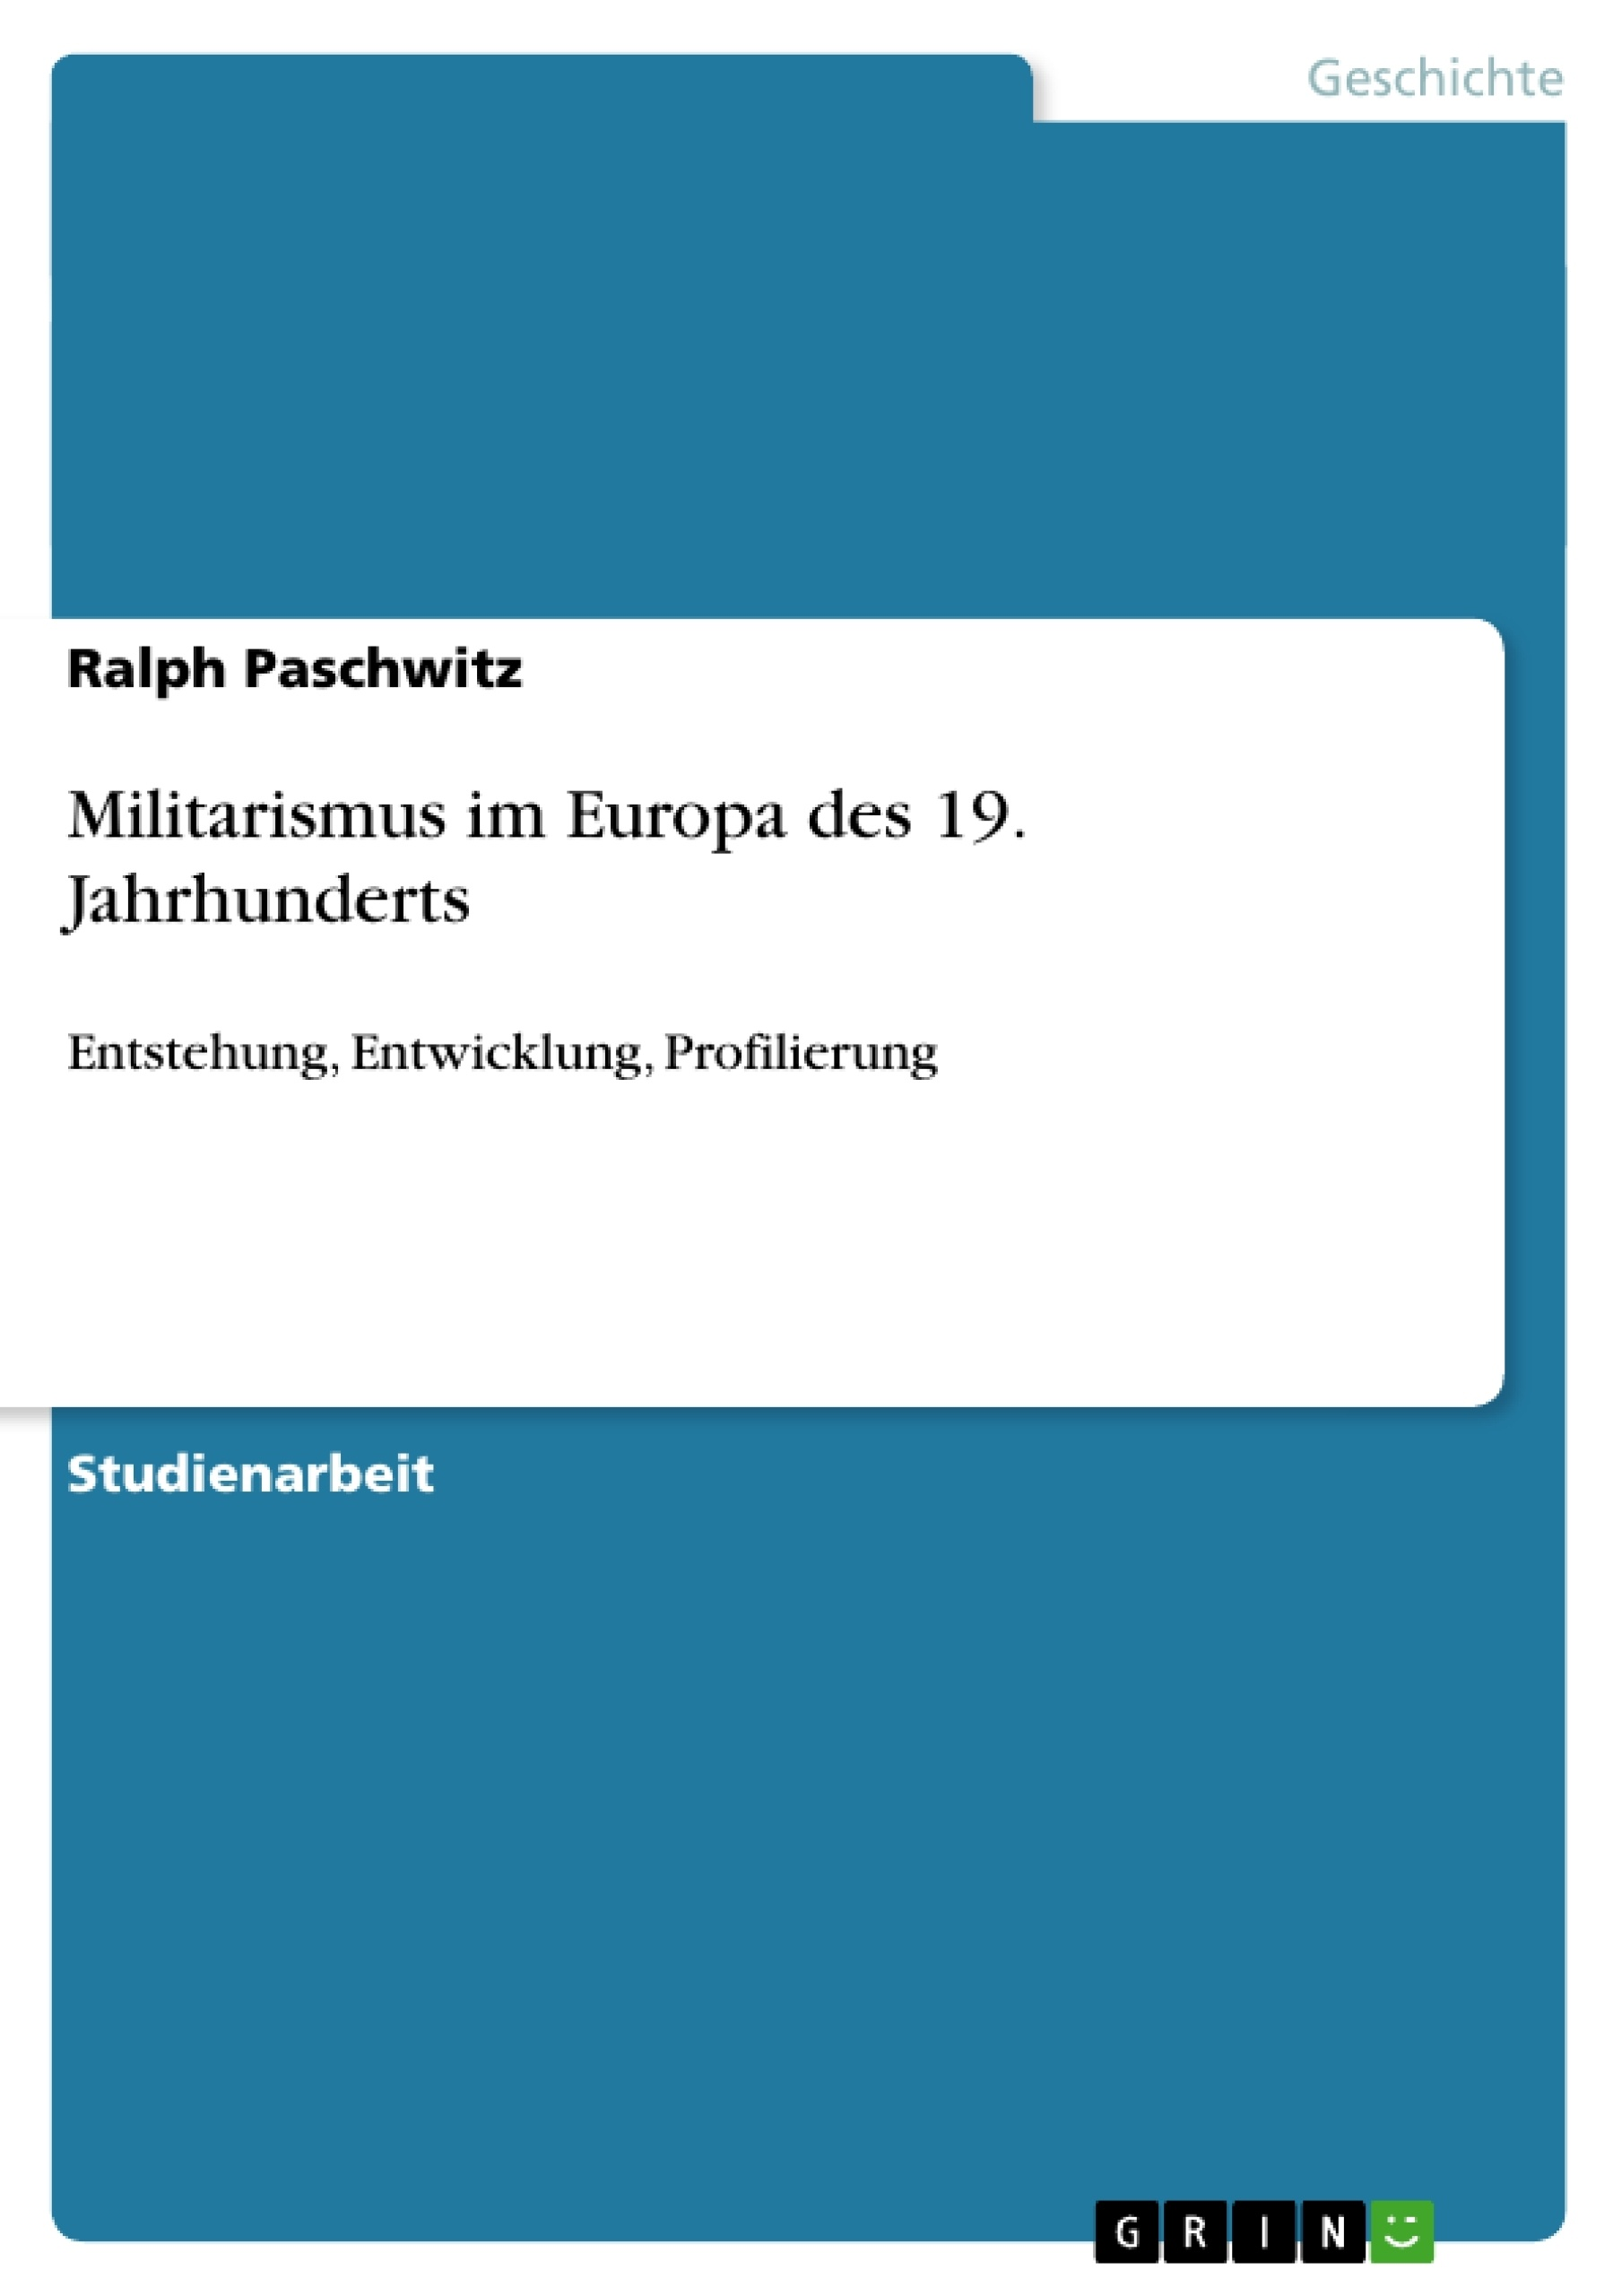 Titel: Militarismus im Europa des 19. Jahrhunderts